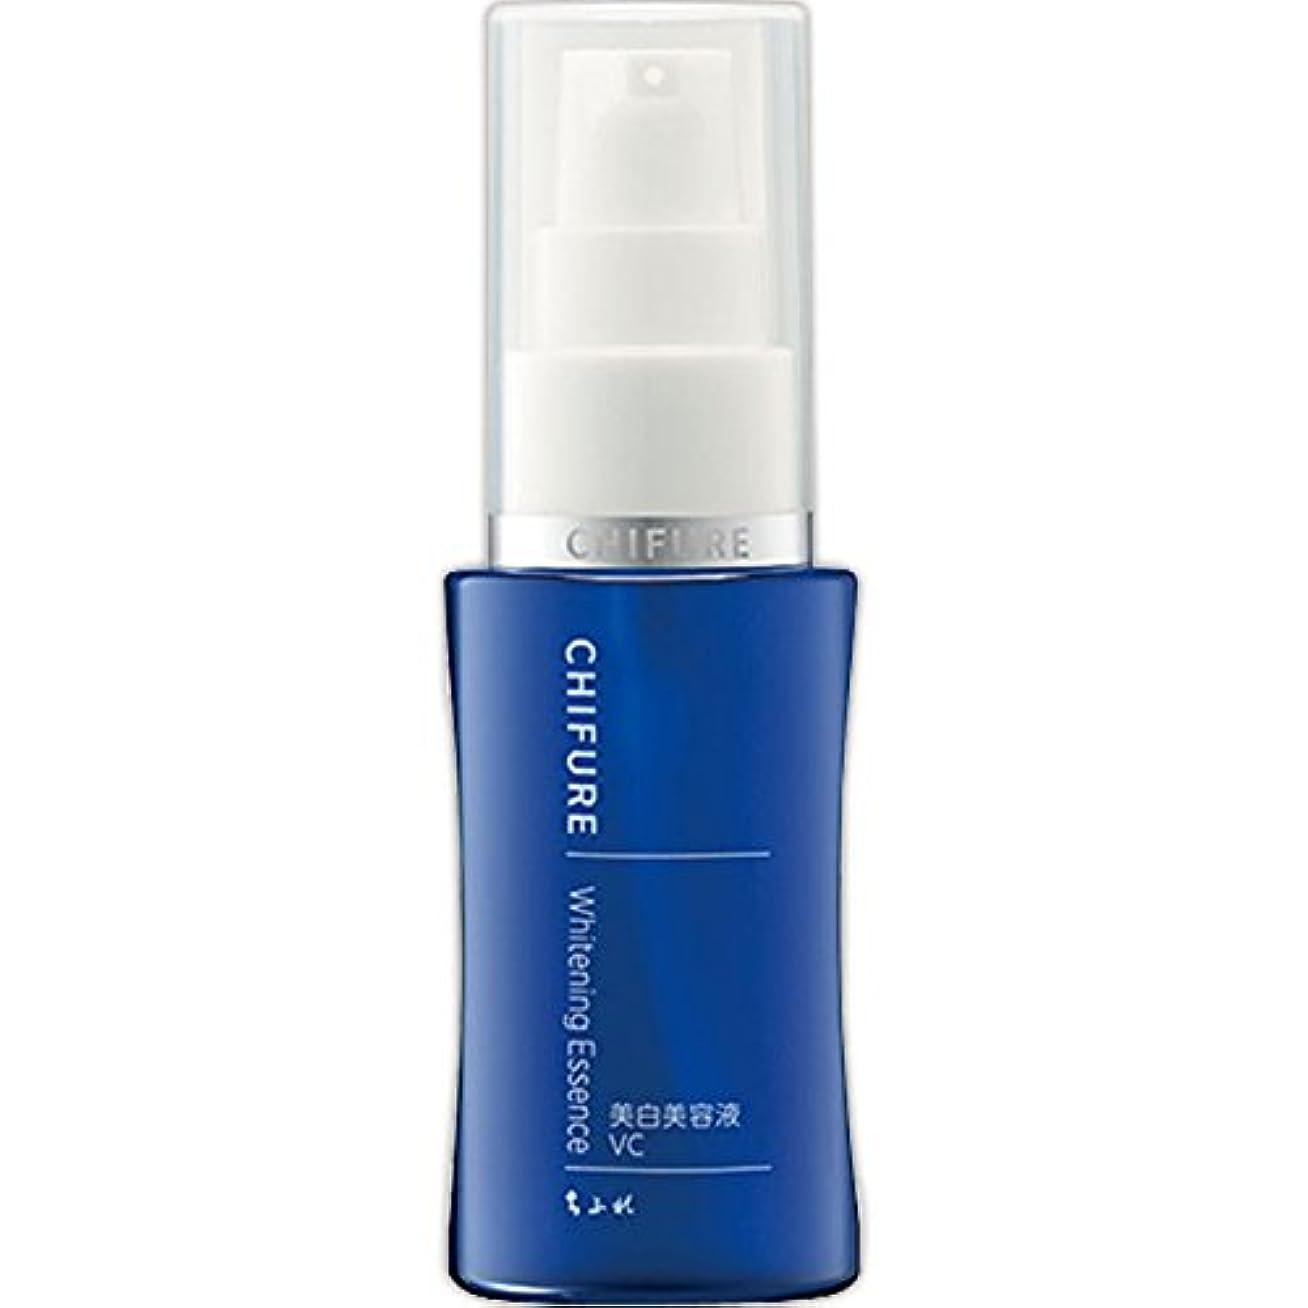 うなり声仕える影響力のあるちふれ化粧品 美白美容液 VC 30ML (医薬部外品)